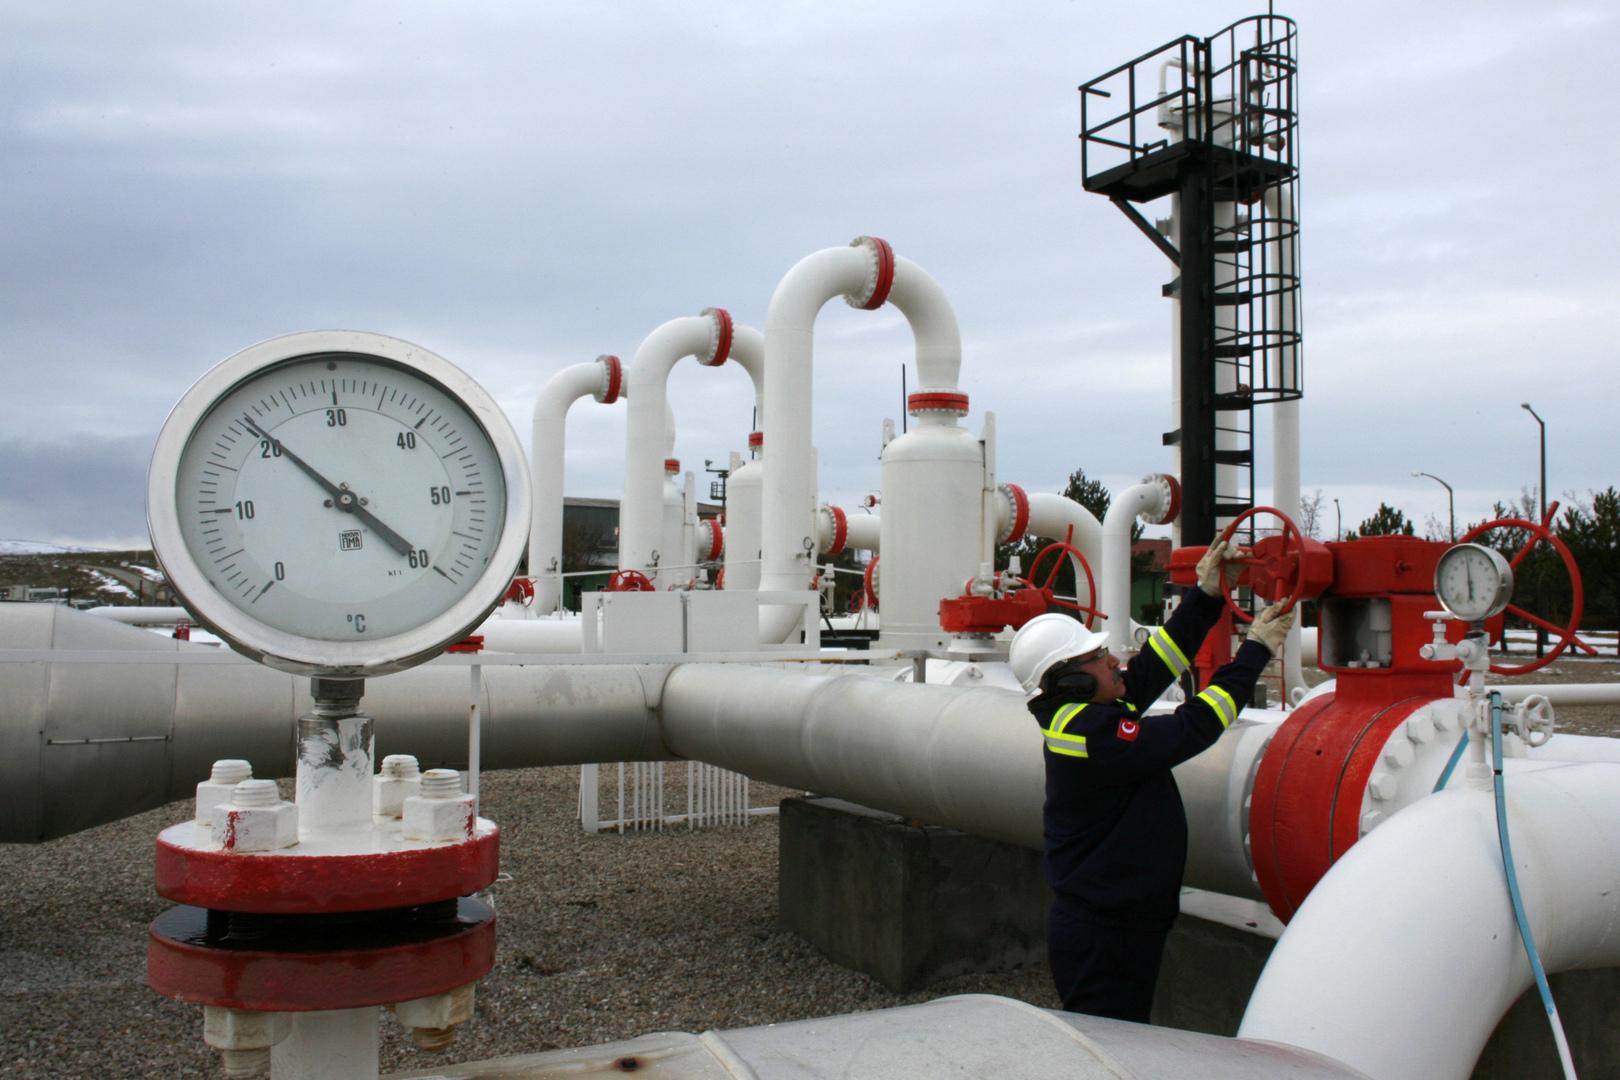 وزير الطاقة التركي يكشف عن خطة استثمار احتياطيات الغاز في البحر الأسود